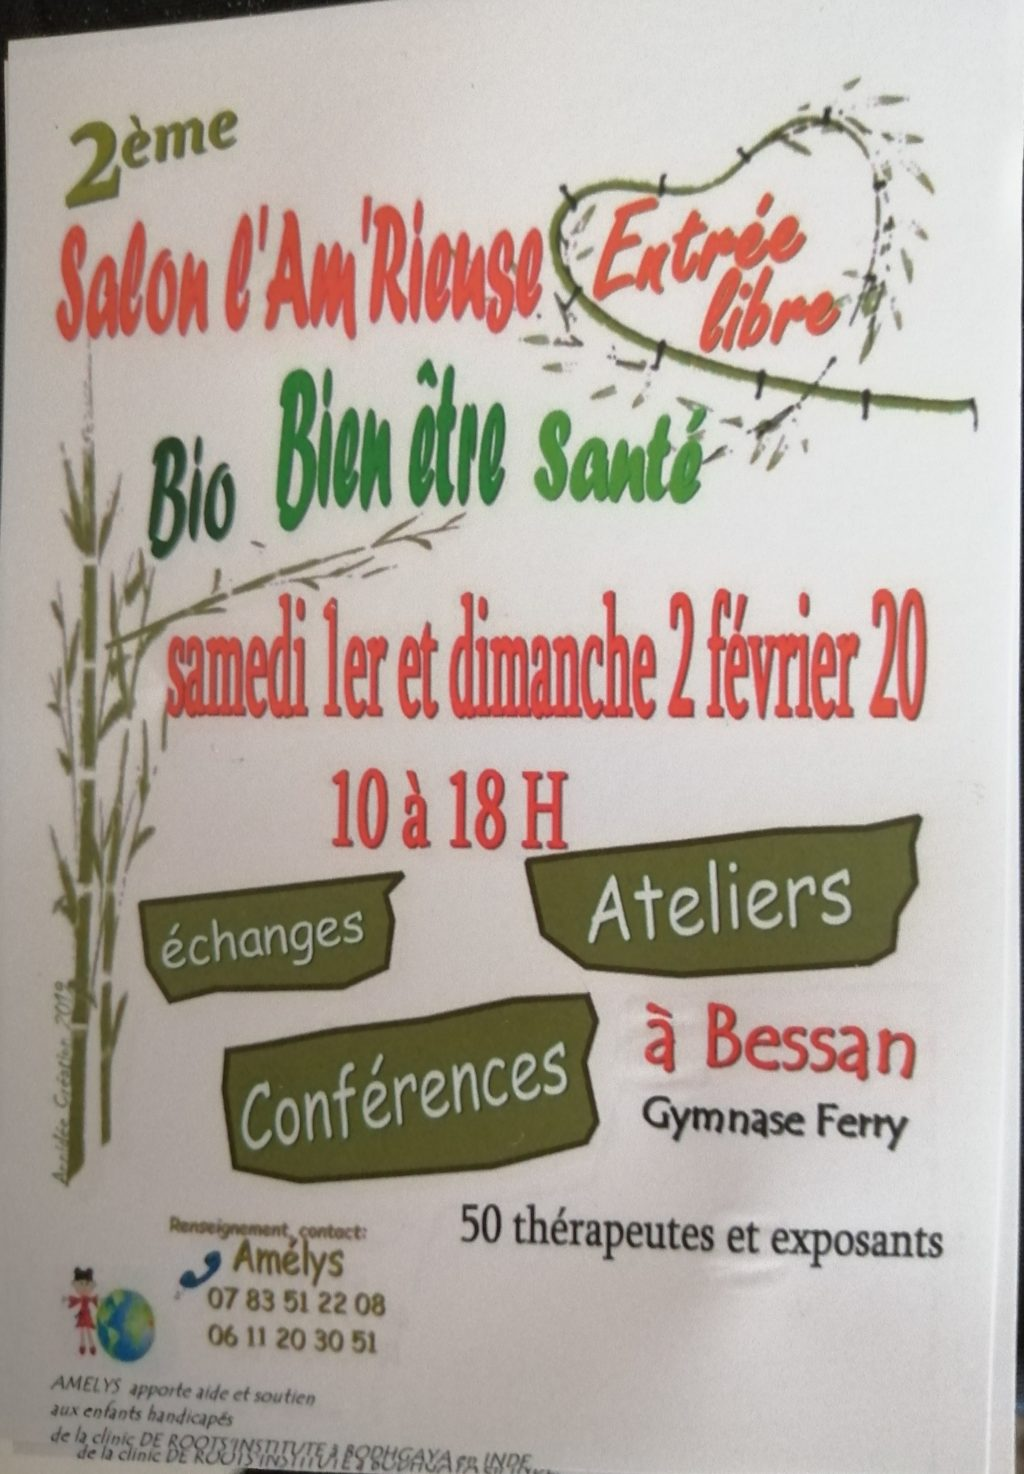 Salon Bio- Bien-être- Santé 4